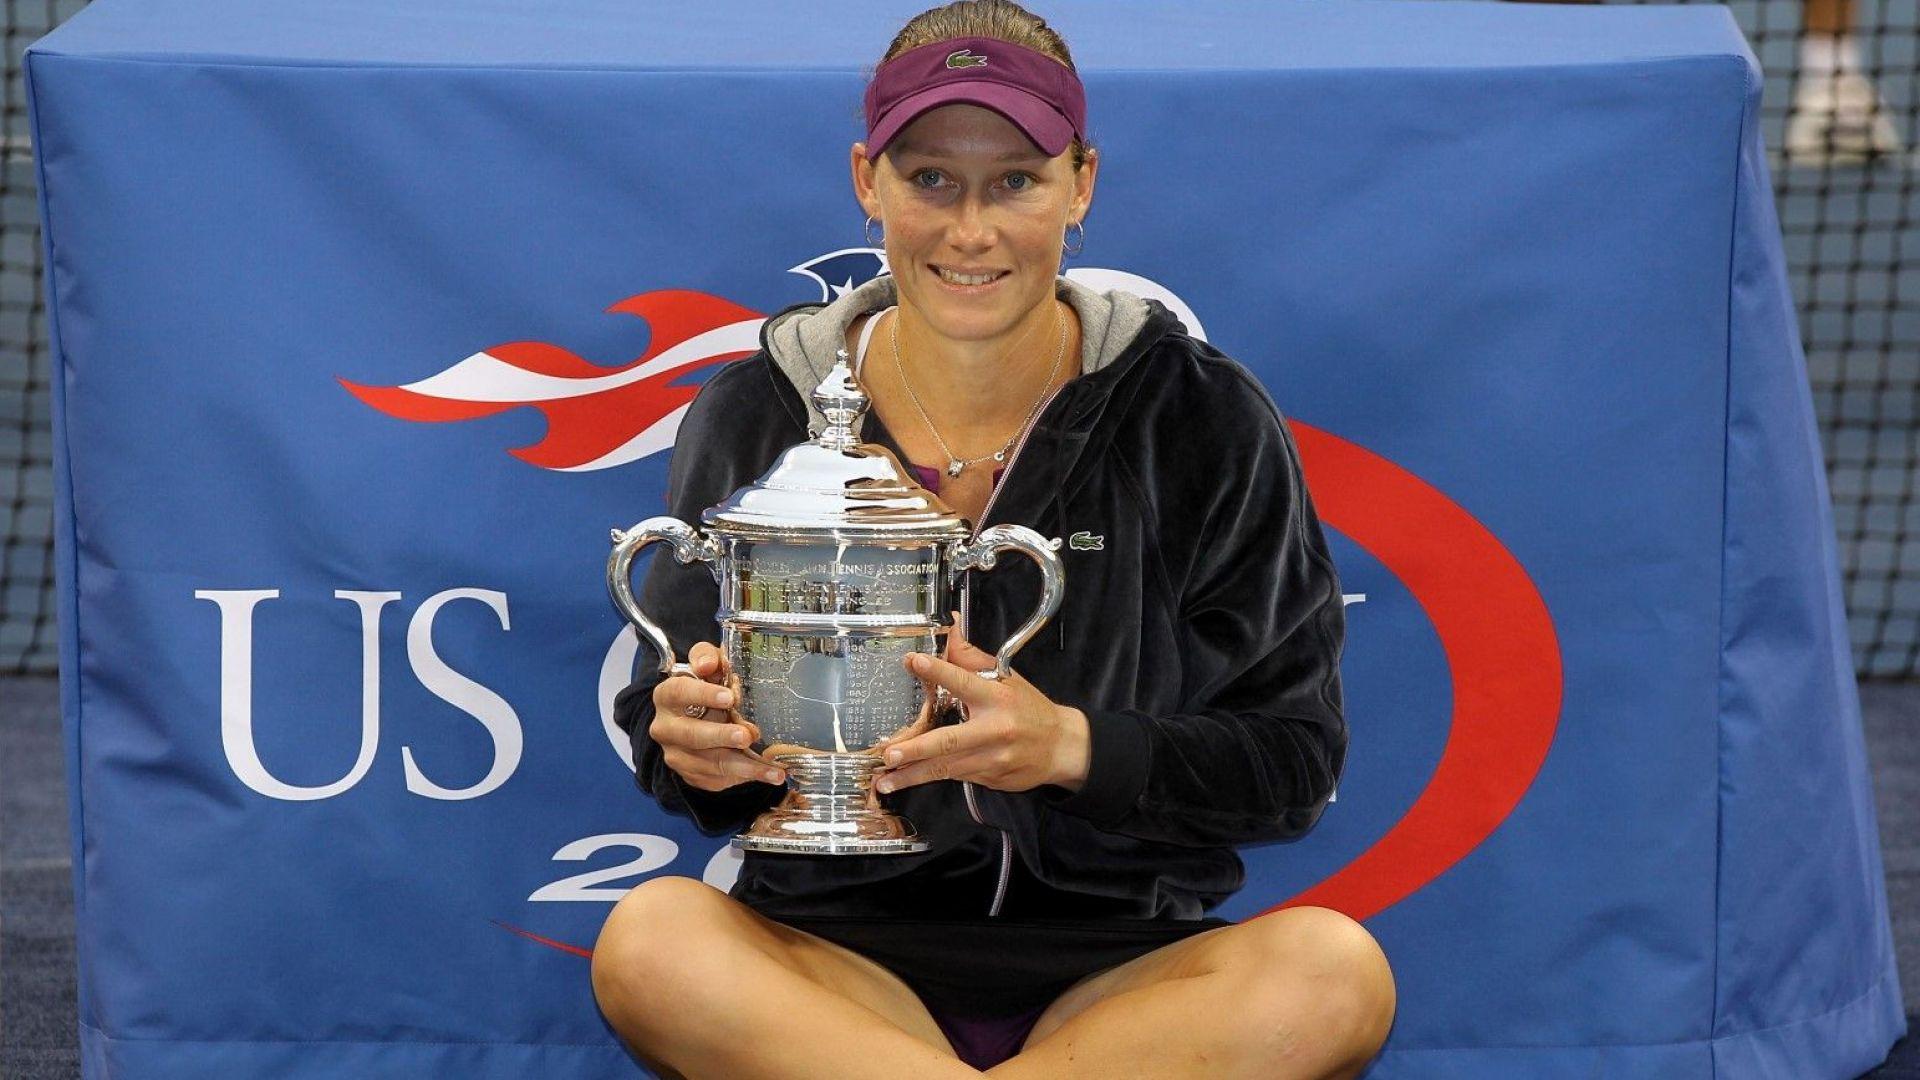 Шампионка от US Open се зарадва на първа рожба заедно с партньорката си